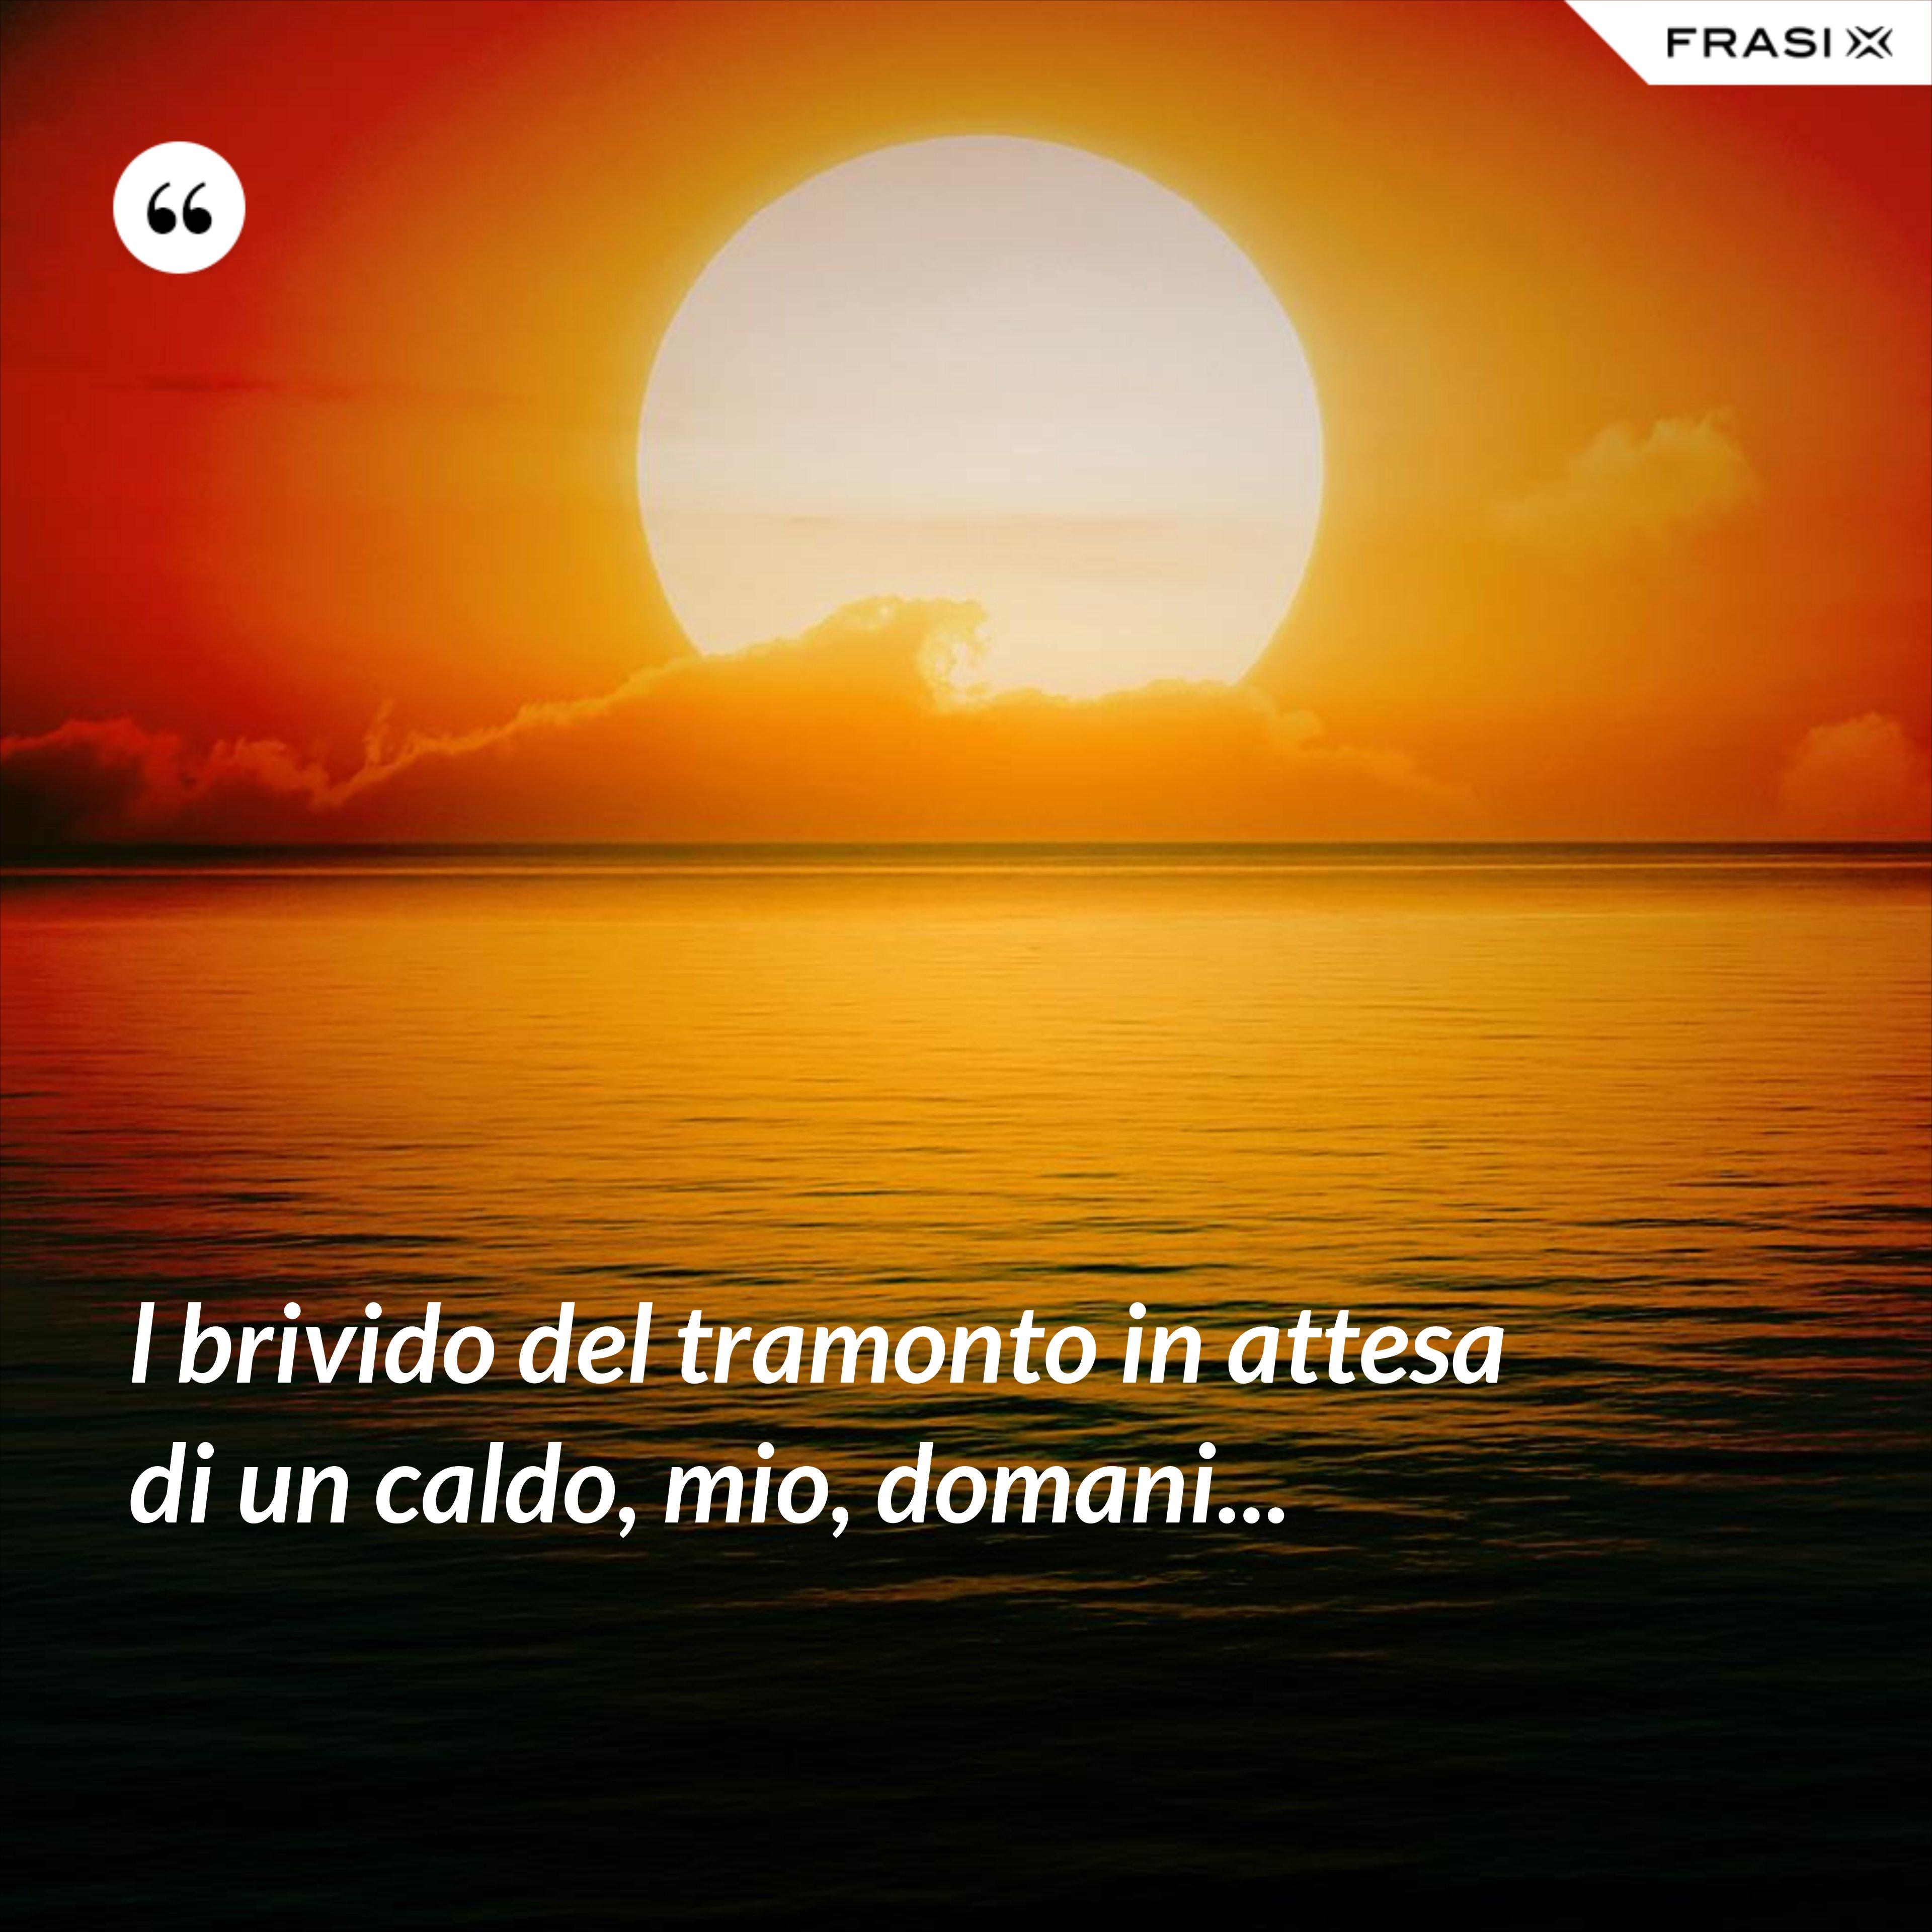 l brivido del tramonto in attesa di un caldo, mio, domani... - Anonimo